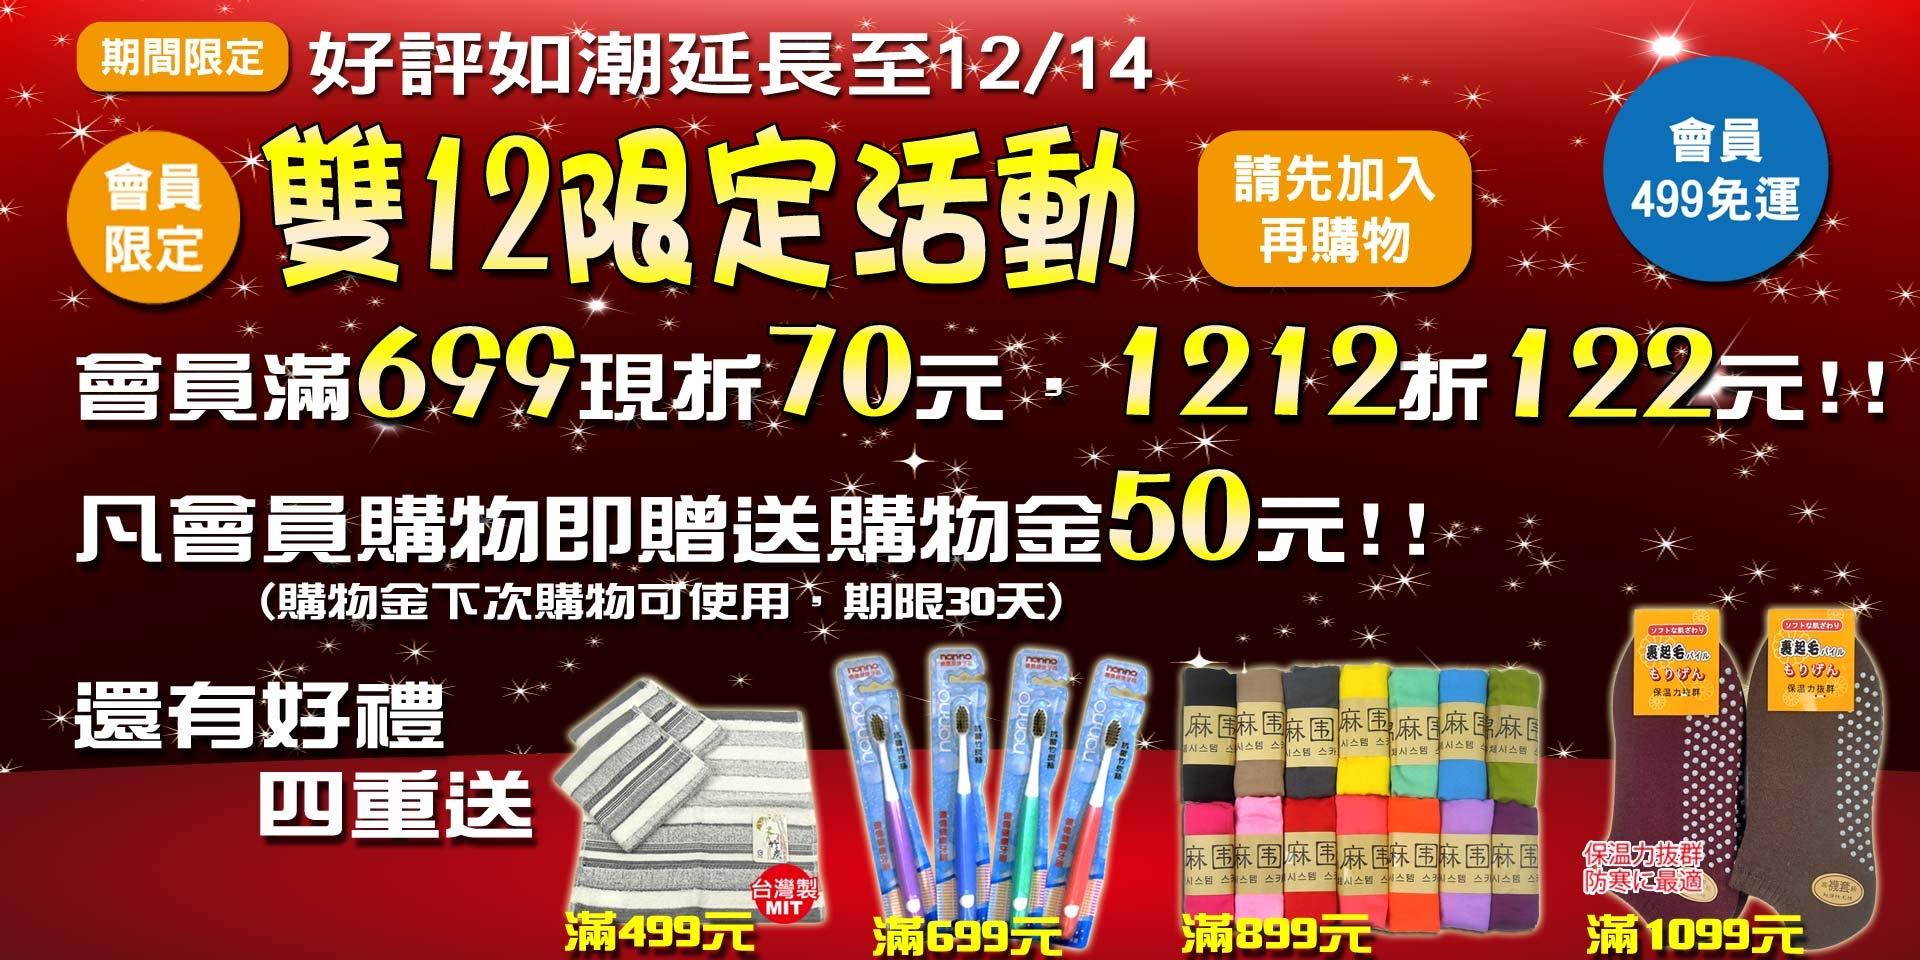 慶雙12~會員滿499免運、滿699現折70、滿1212現折122元 (12/14截止)